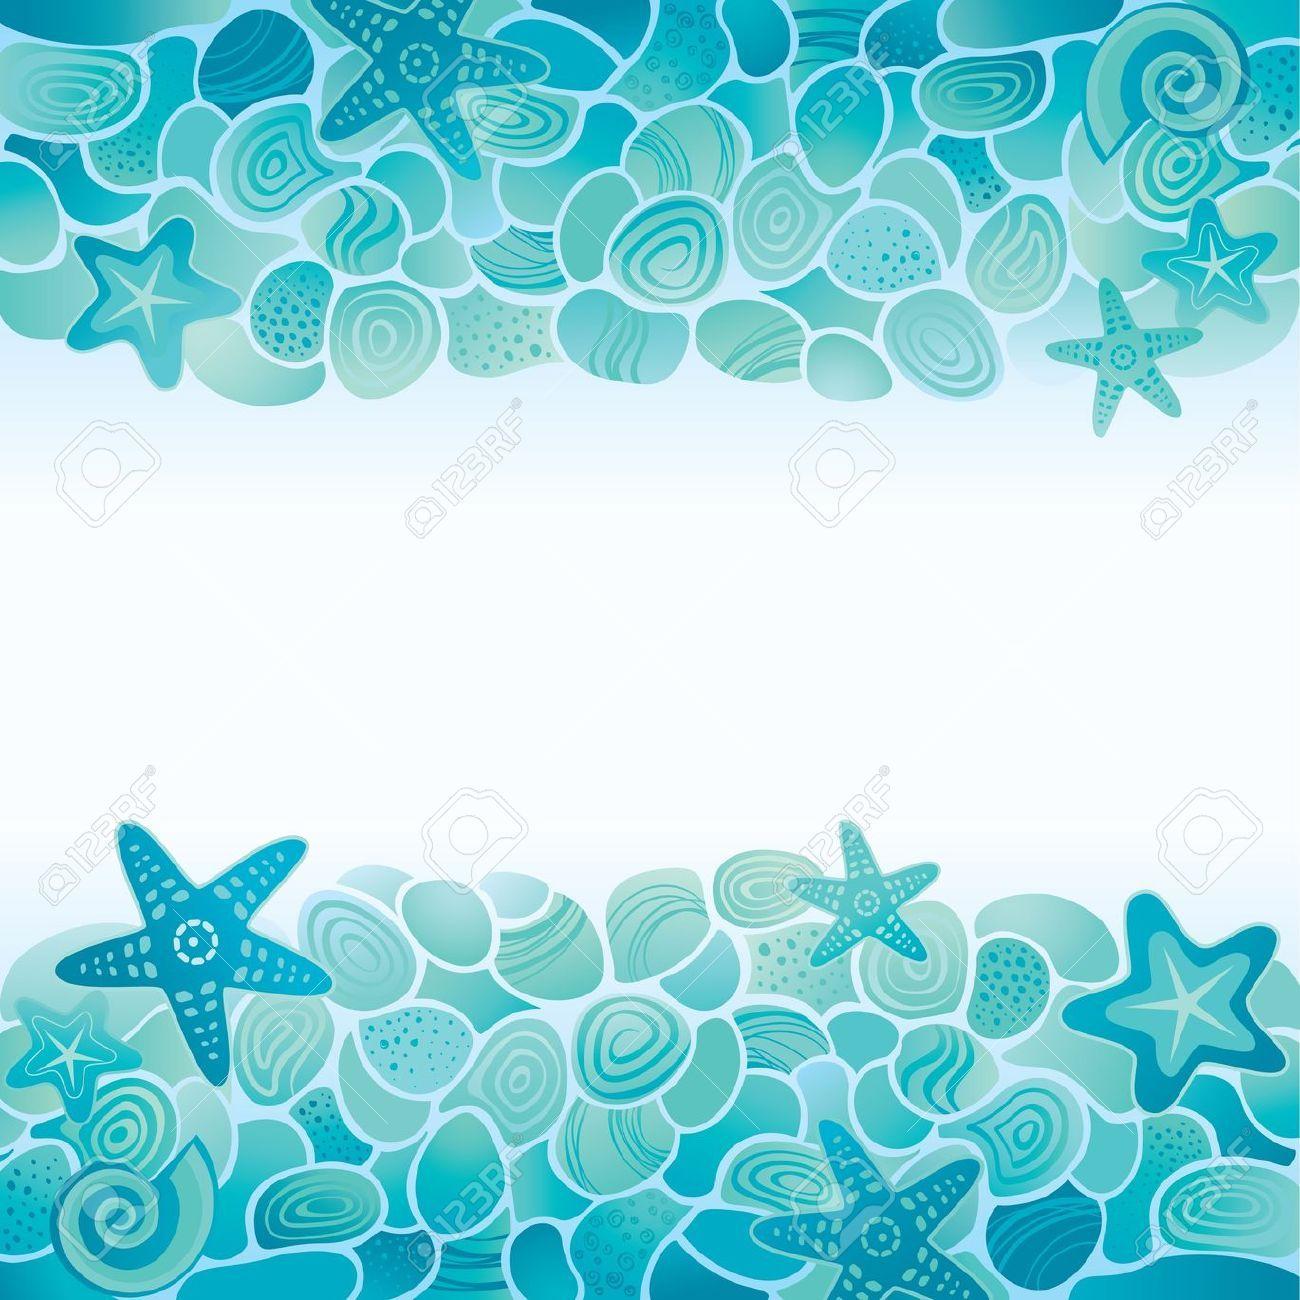 Dibujos de caracolas y estrellas mar buscar con google - Fotos fondo del mar ...